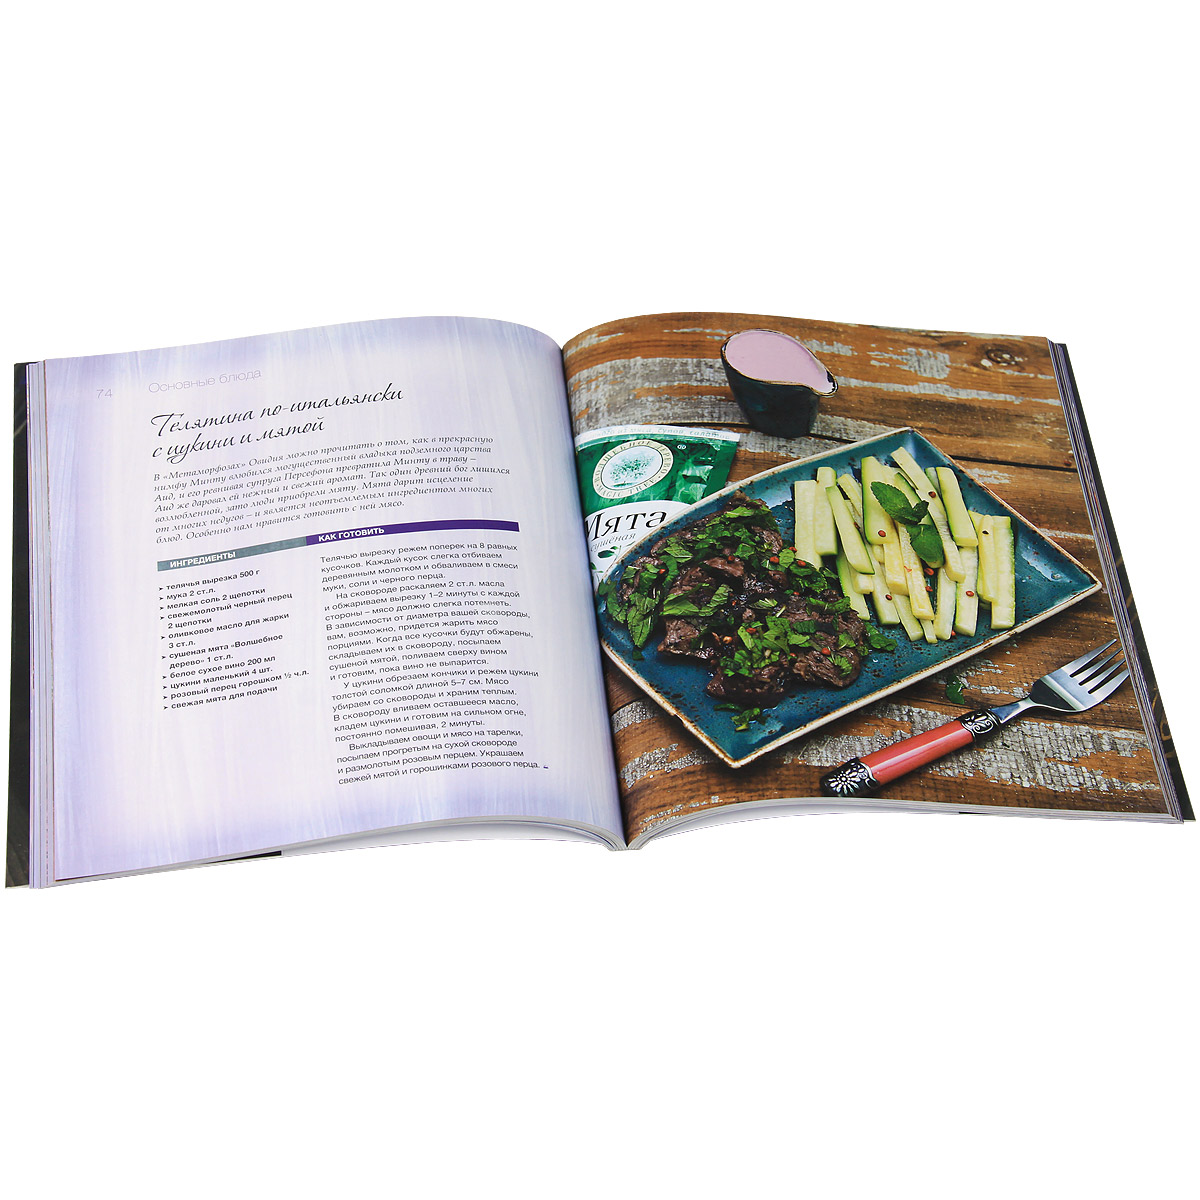 Домашняя кухня с травами и специями.